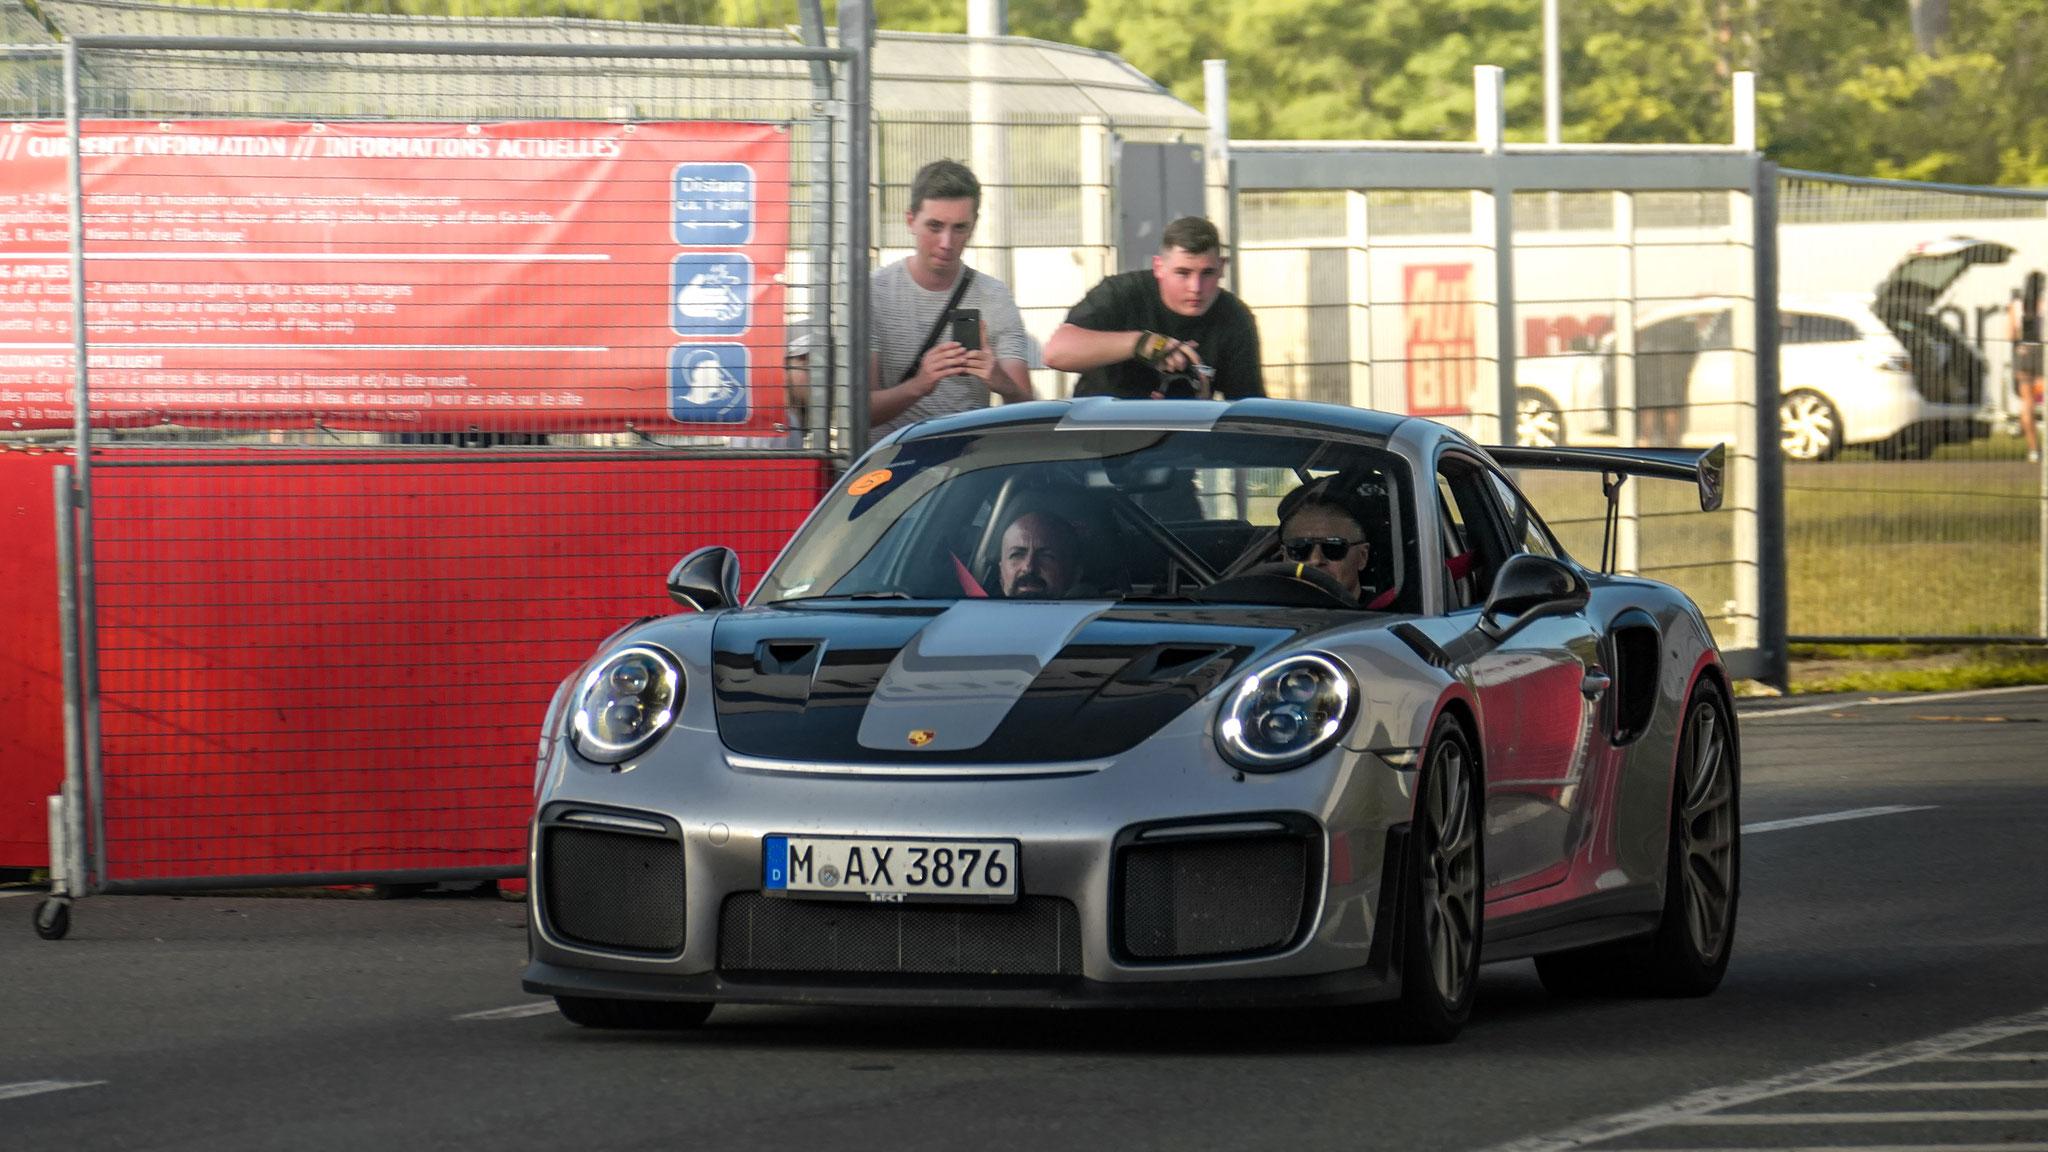 Porsche GT2 RS - M-AX-3876